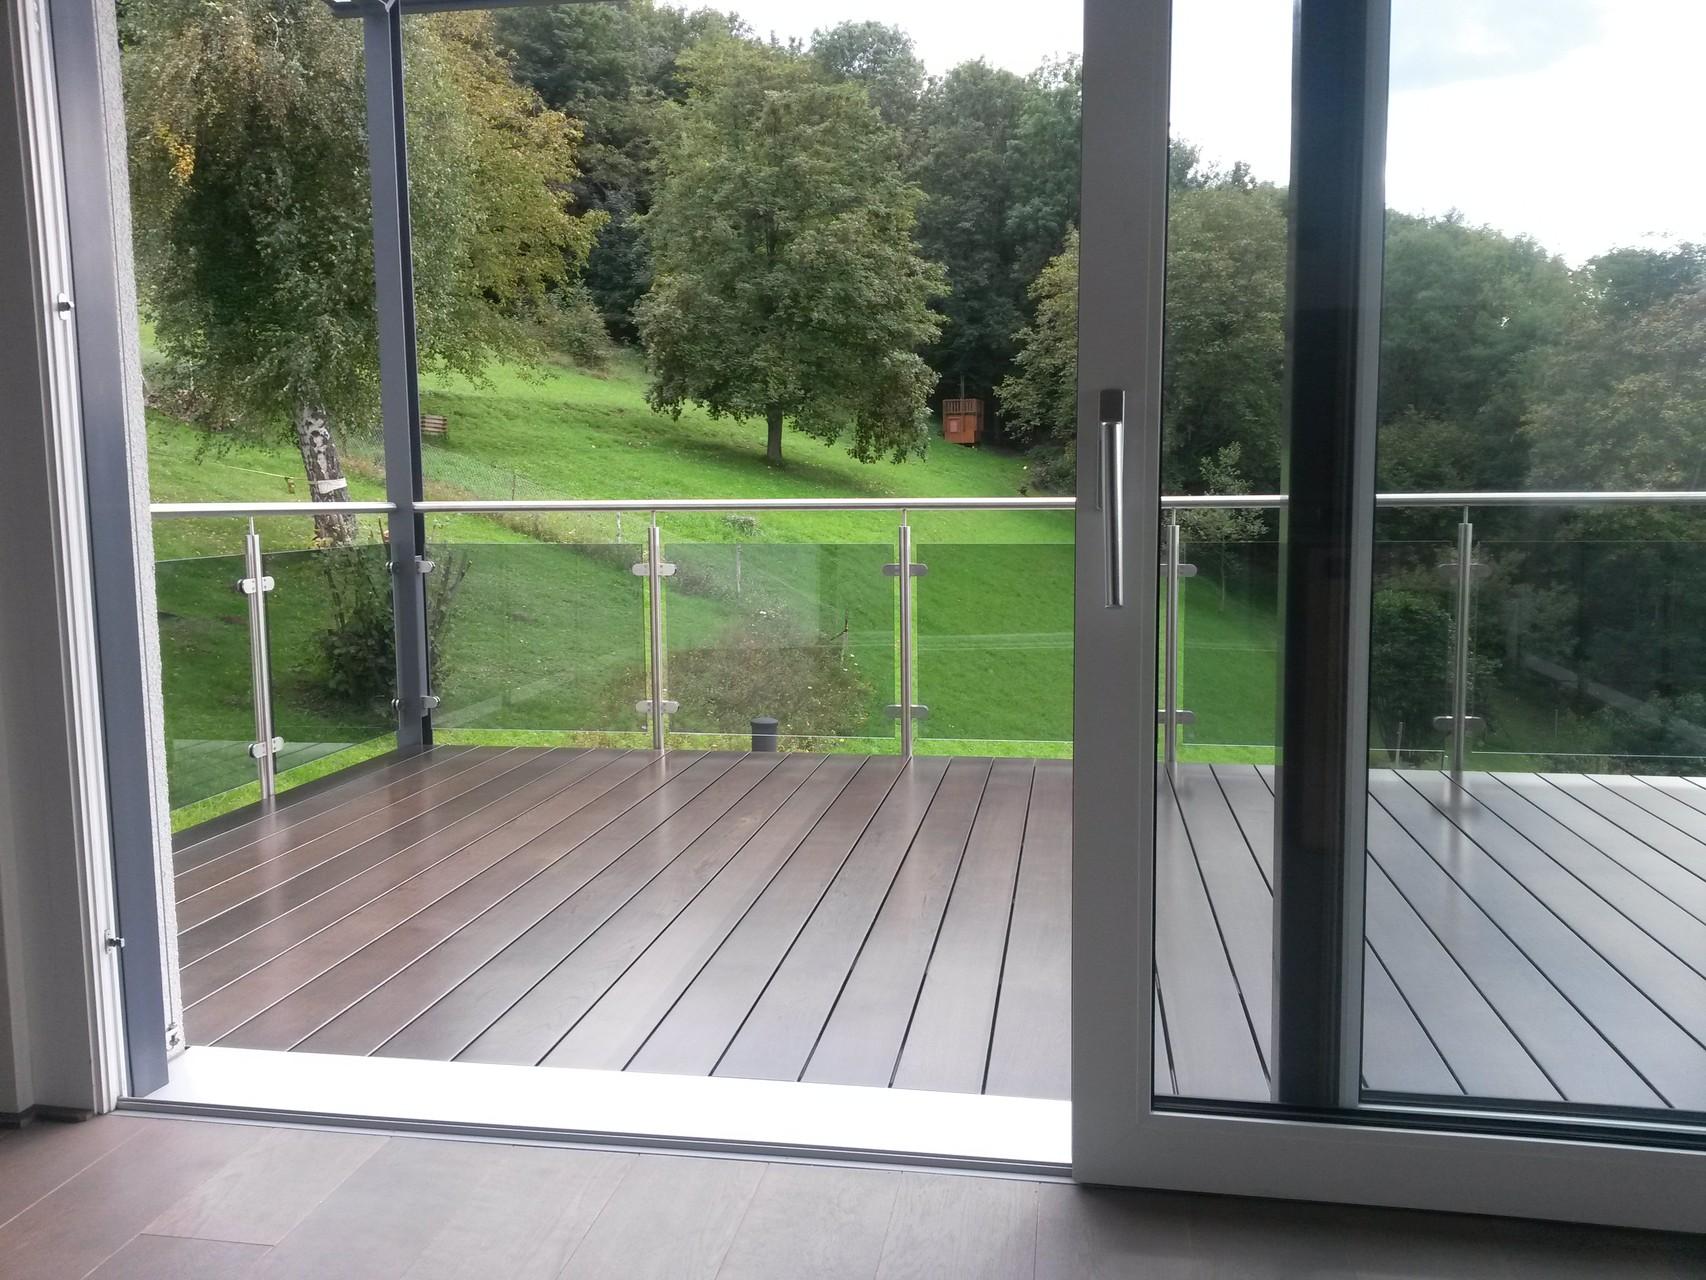 Sanierung eines Balkons mit Echtholzdielen 10Jahre Garantie, durchgängige Diele - Mario Bogisch Bausysteme